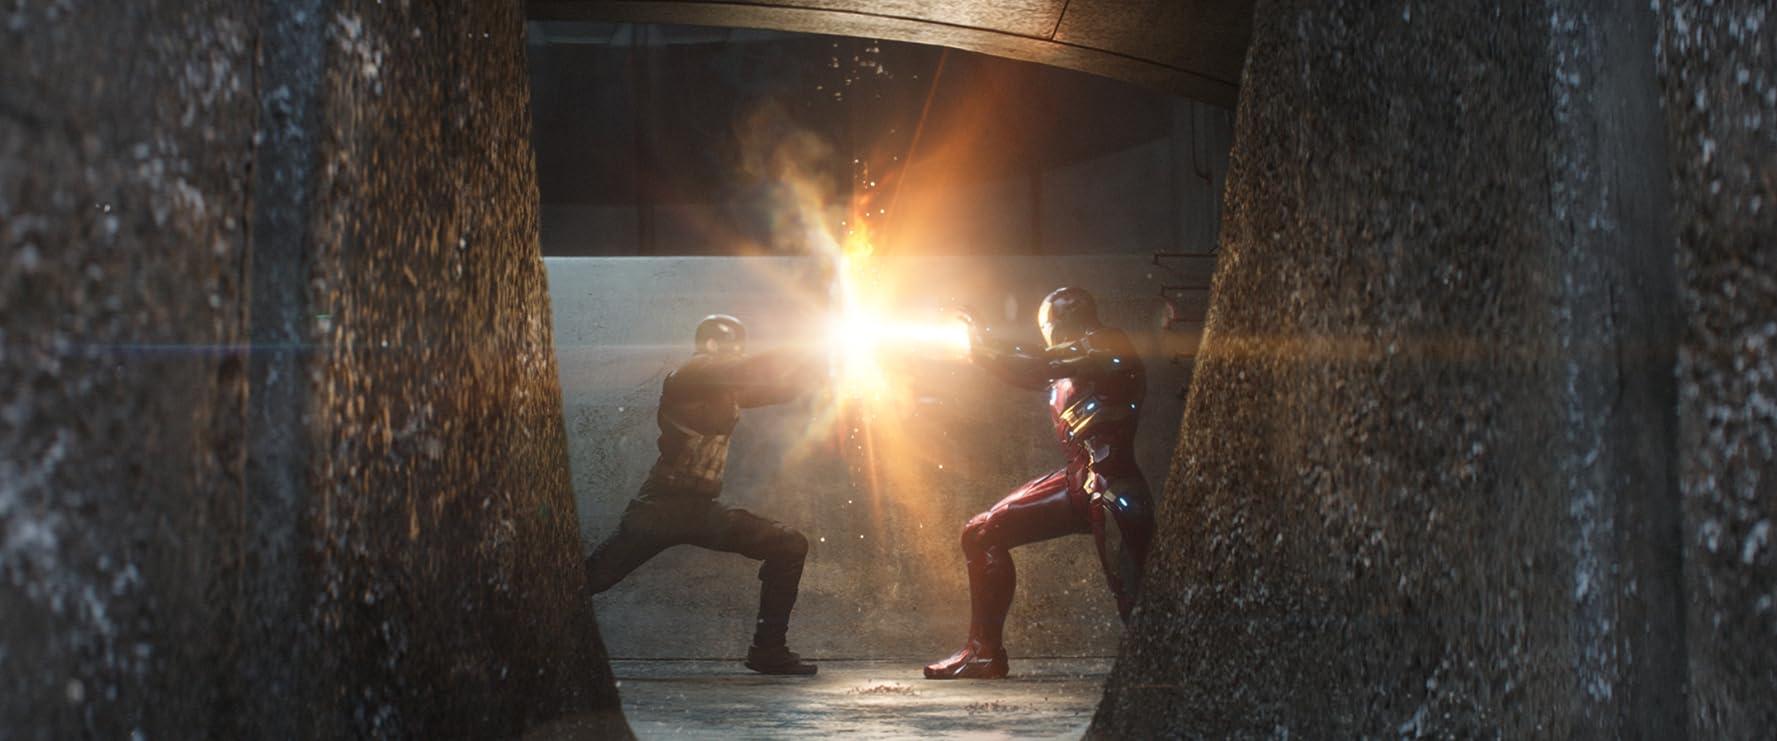 Robert Downey Jr. and Chris Evans in Captain America: Civil War (2016)